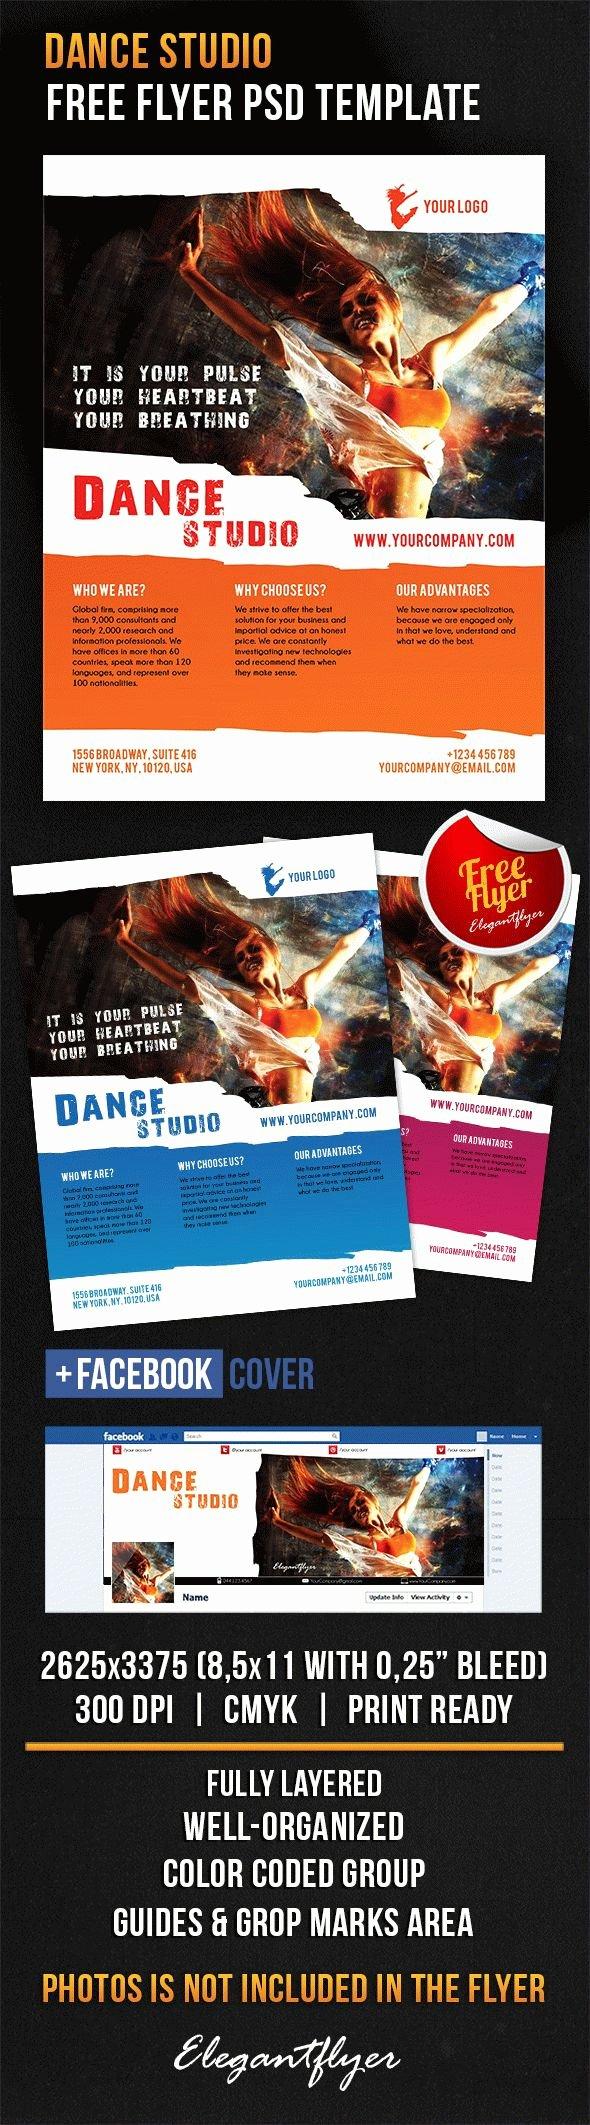 Get Free Flyer Template Shop Dance Studio